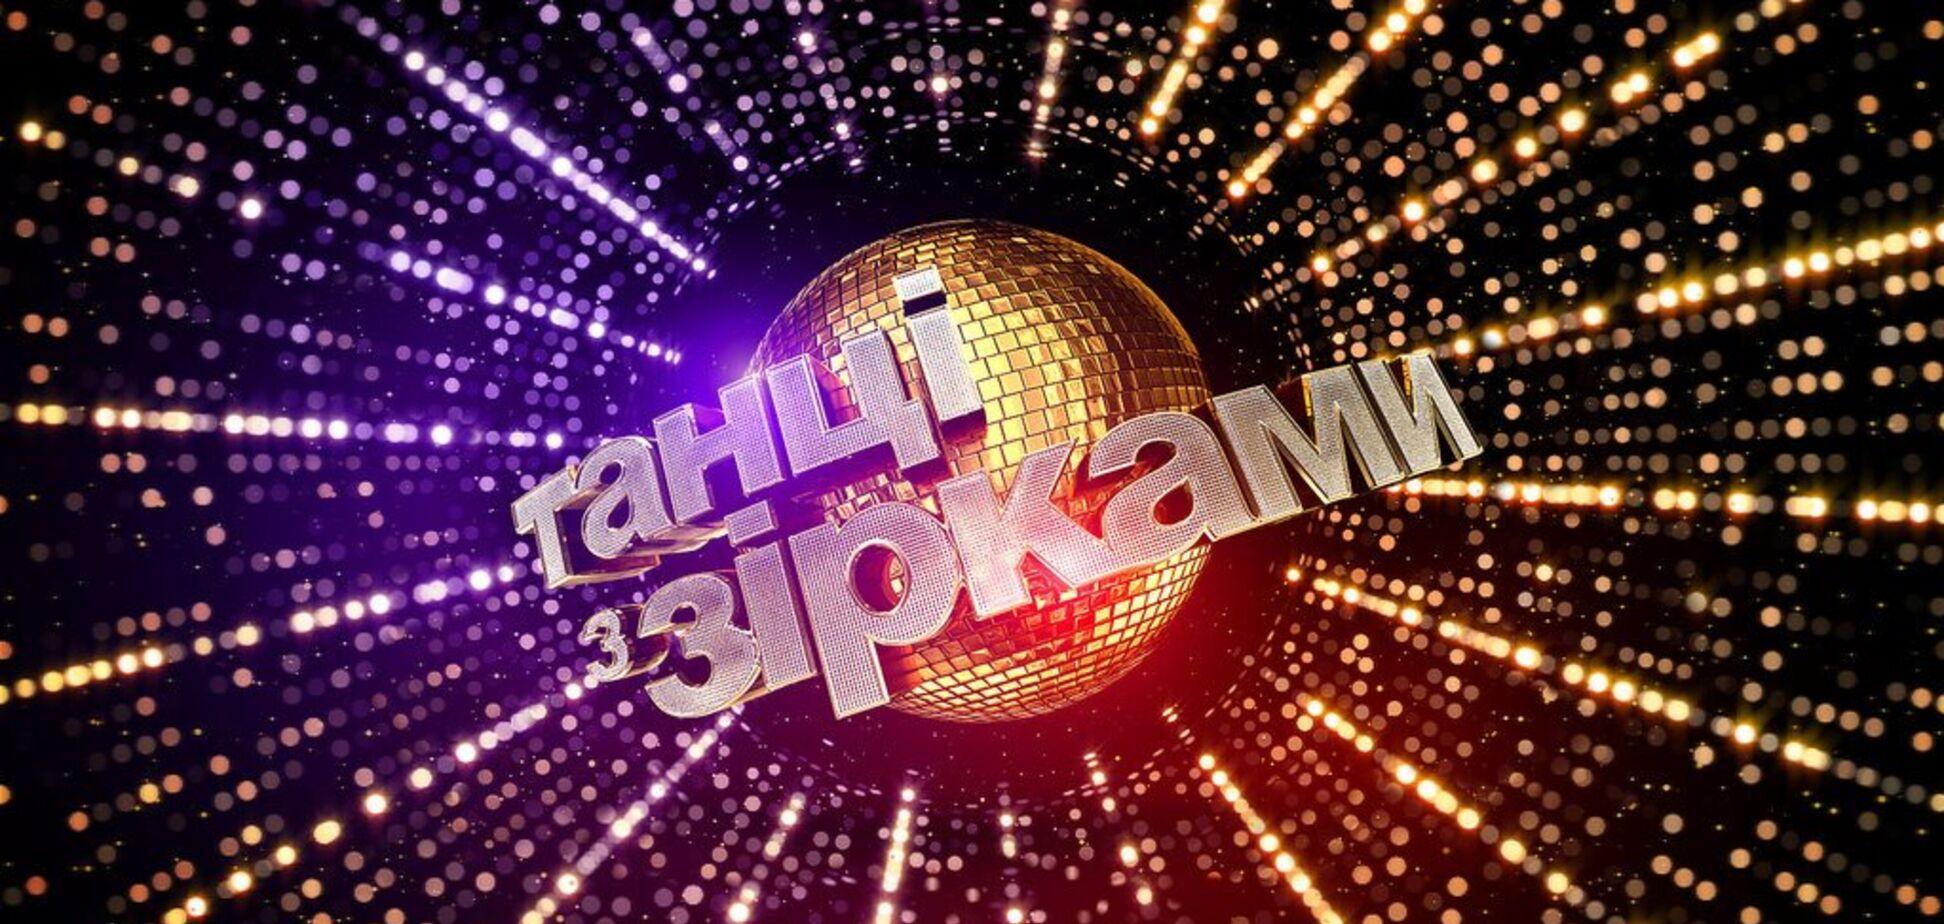 'Танці з зірками' вернулись! Все подробности первого выпуска нового сезона